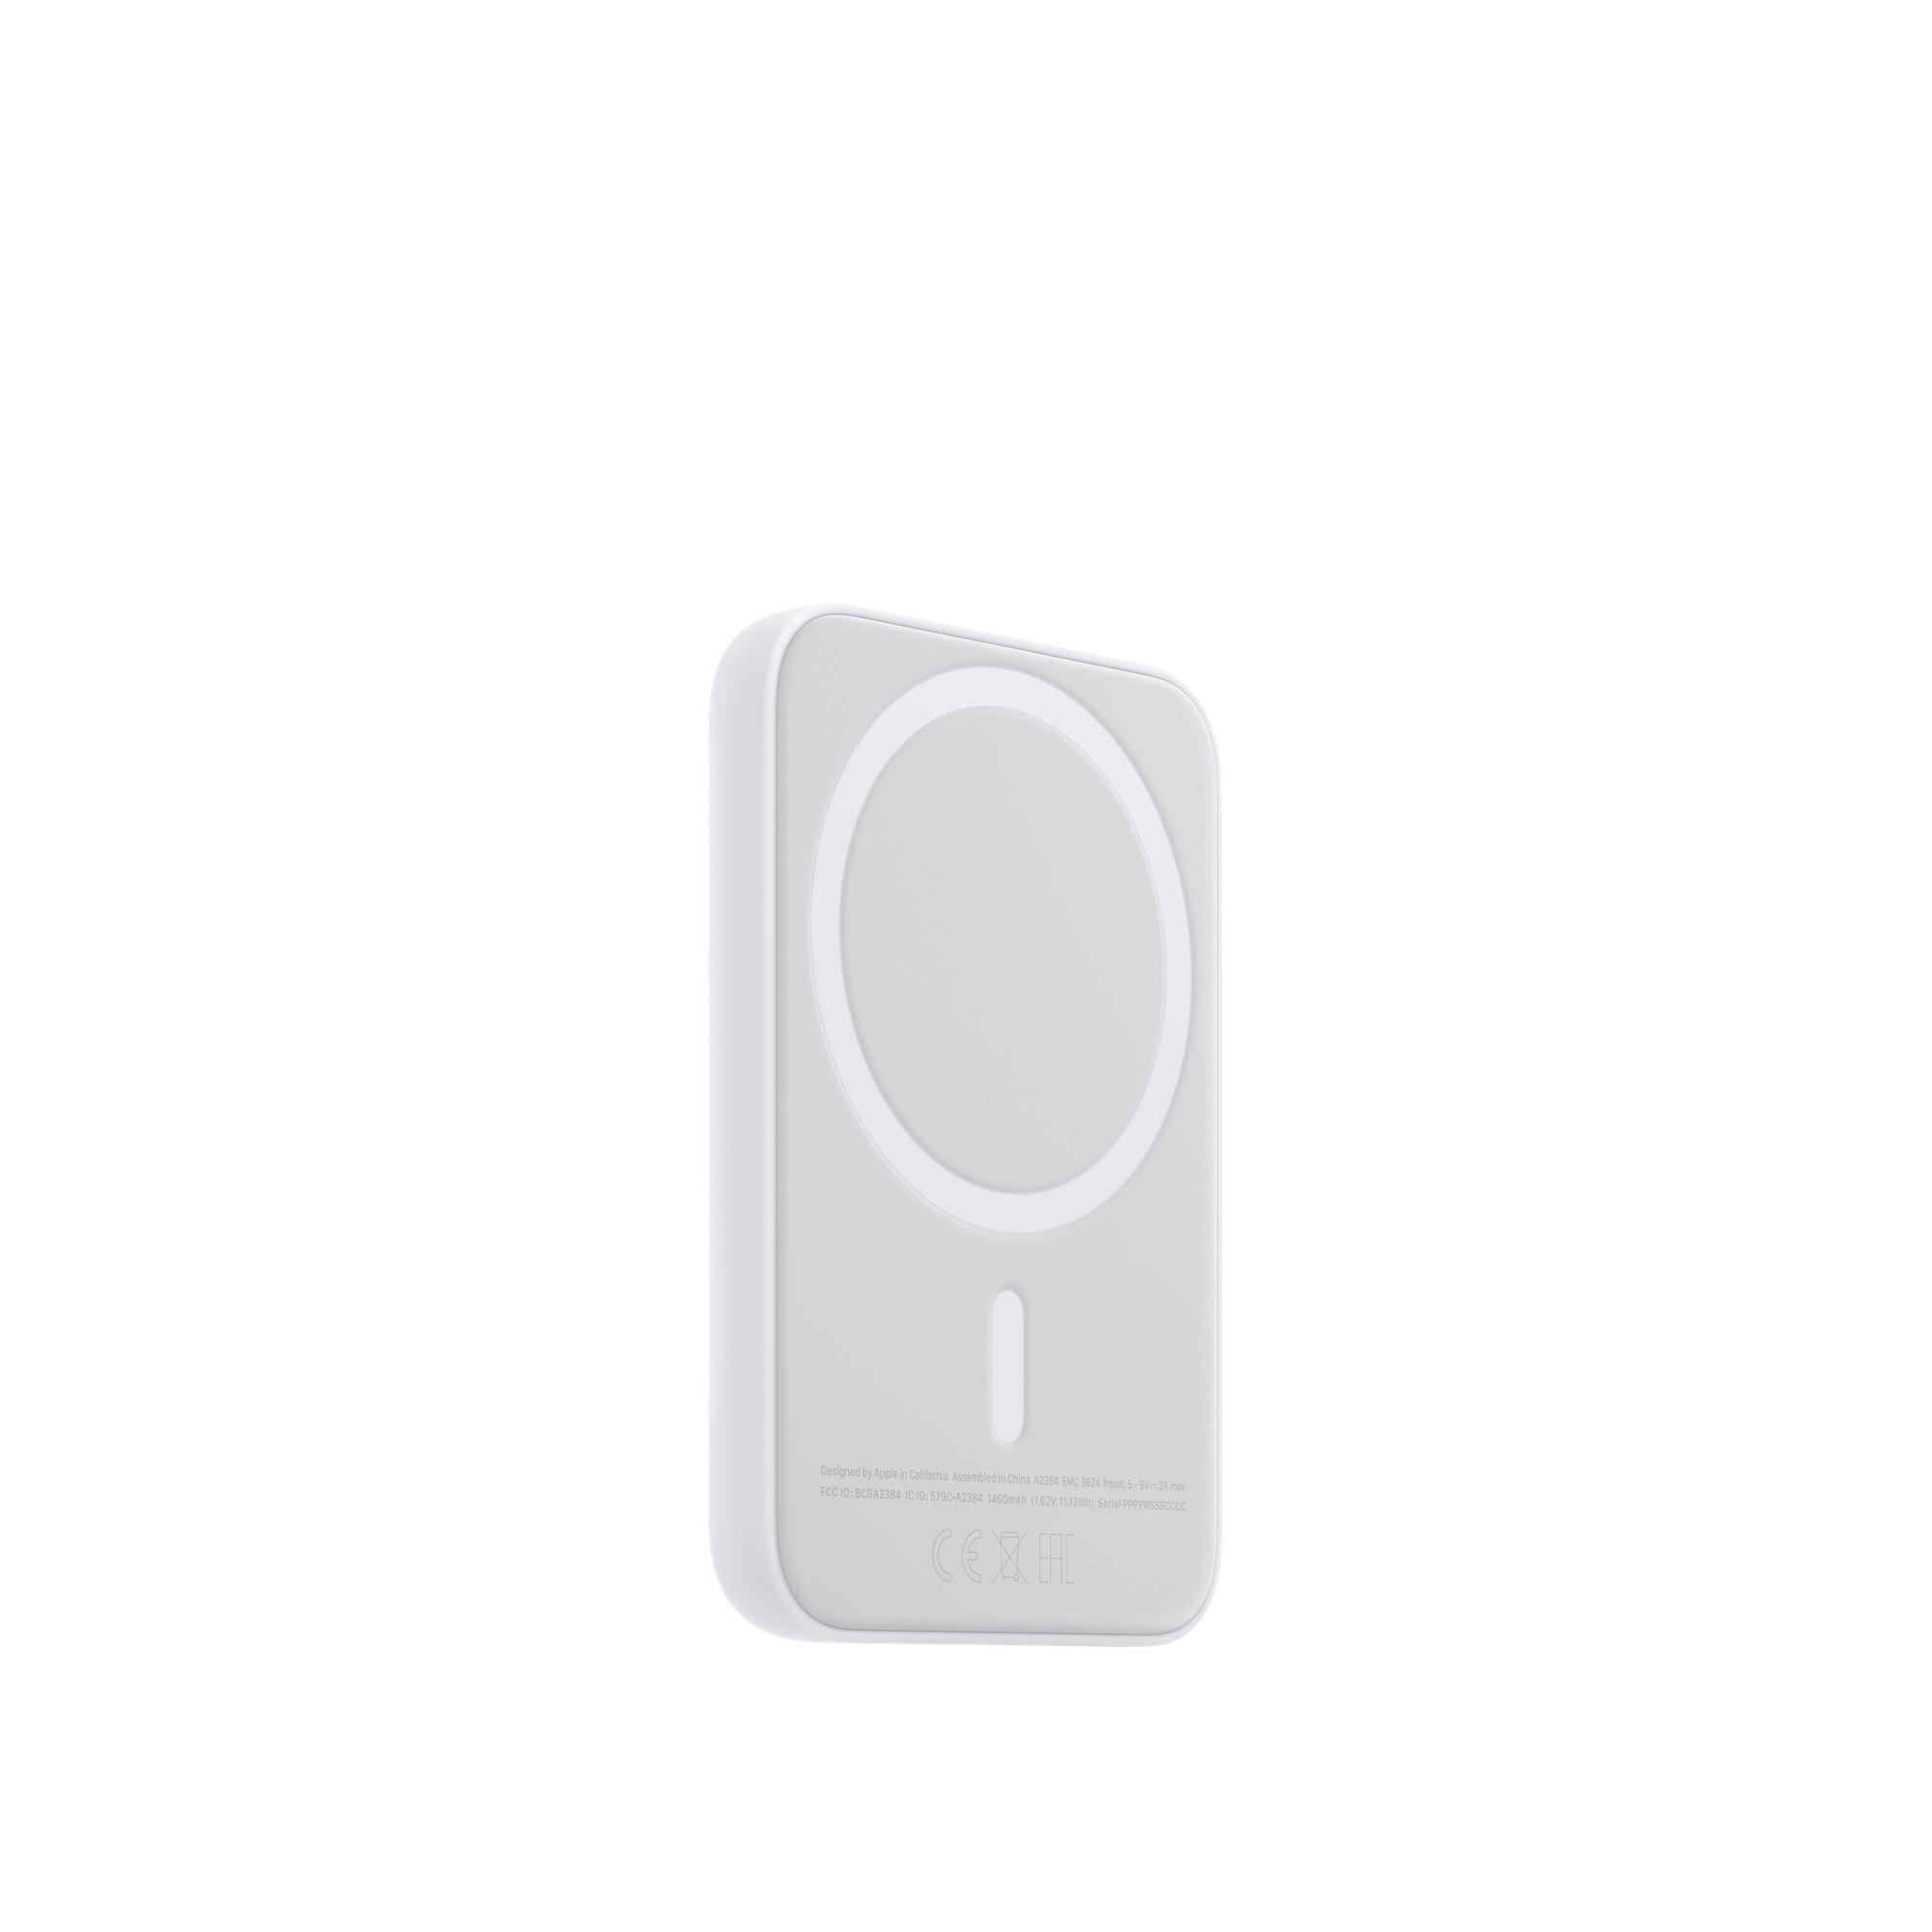 侃哥:苹果原装无线充电宝 MagSafe外接电池上架